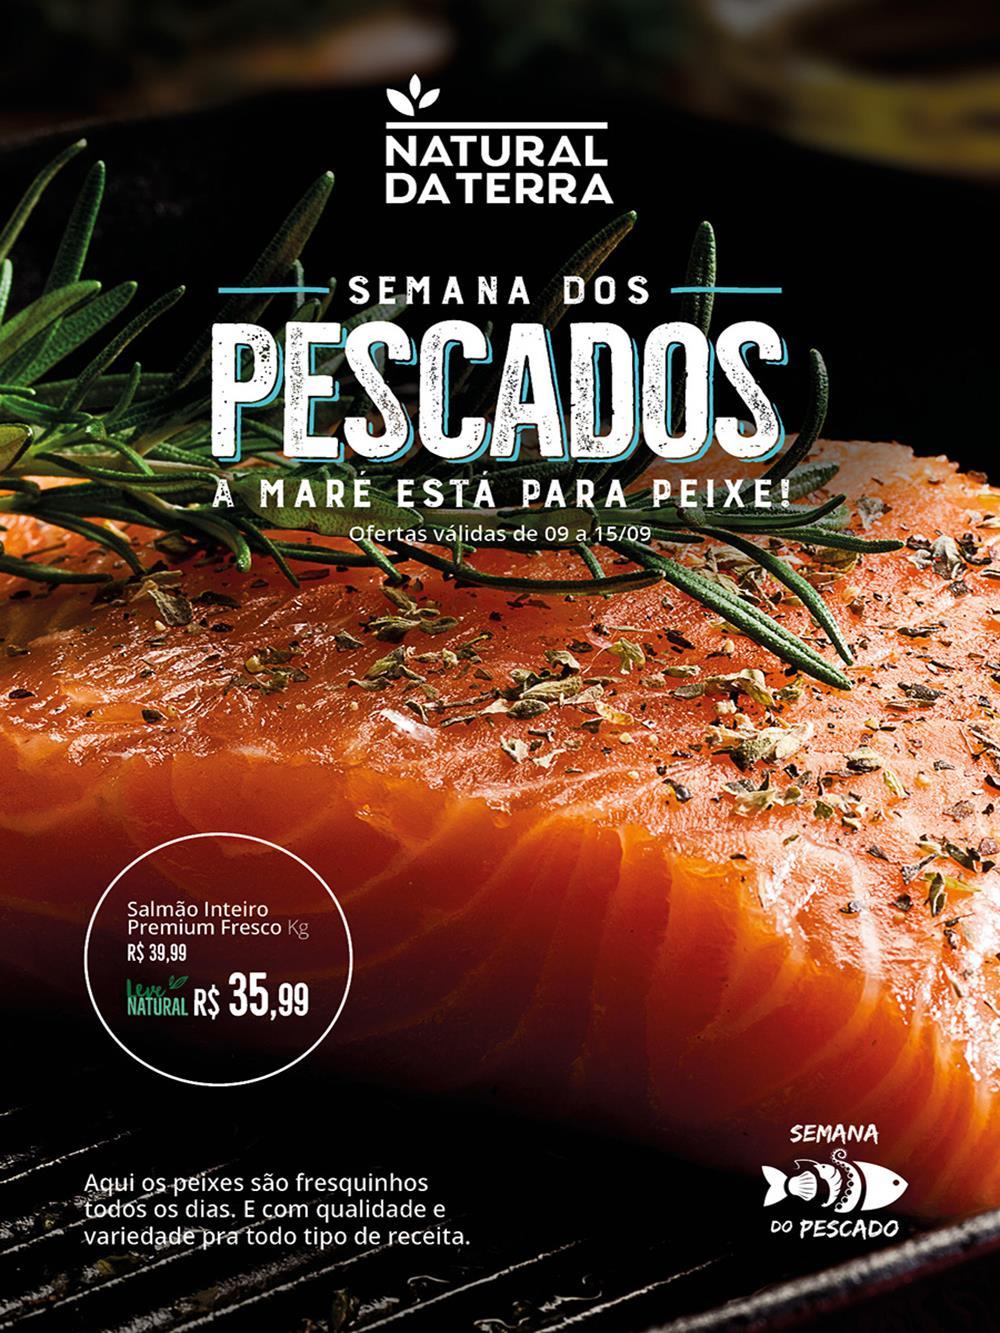 Ofertas-natural1-1 Supermercados